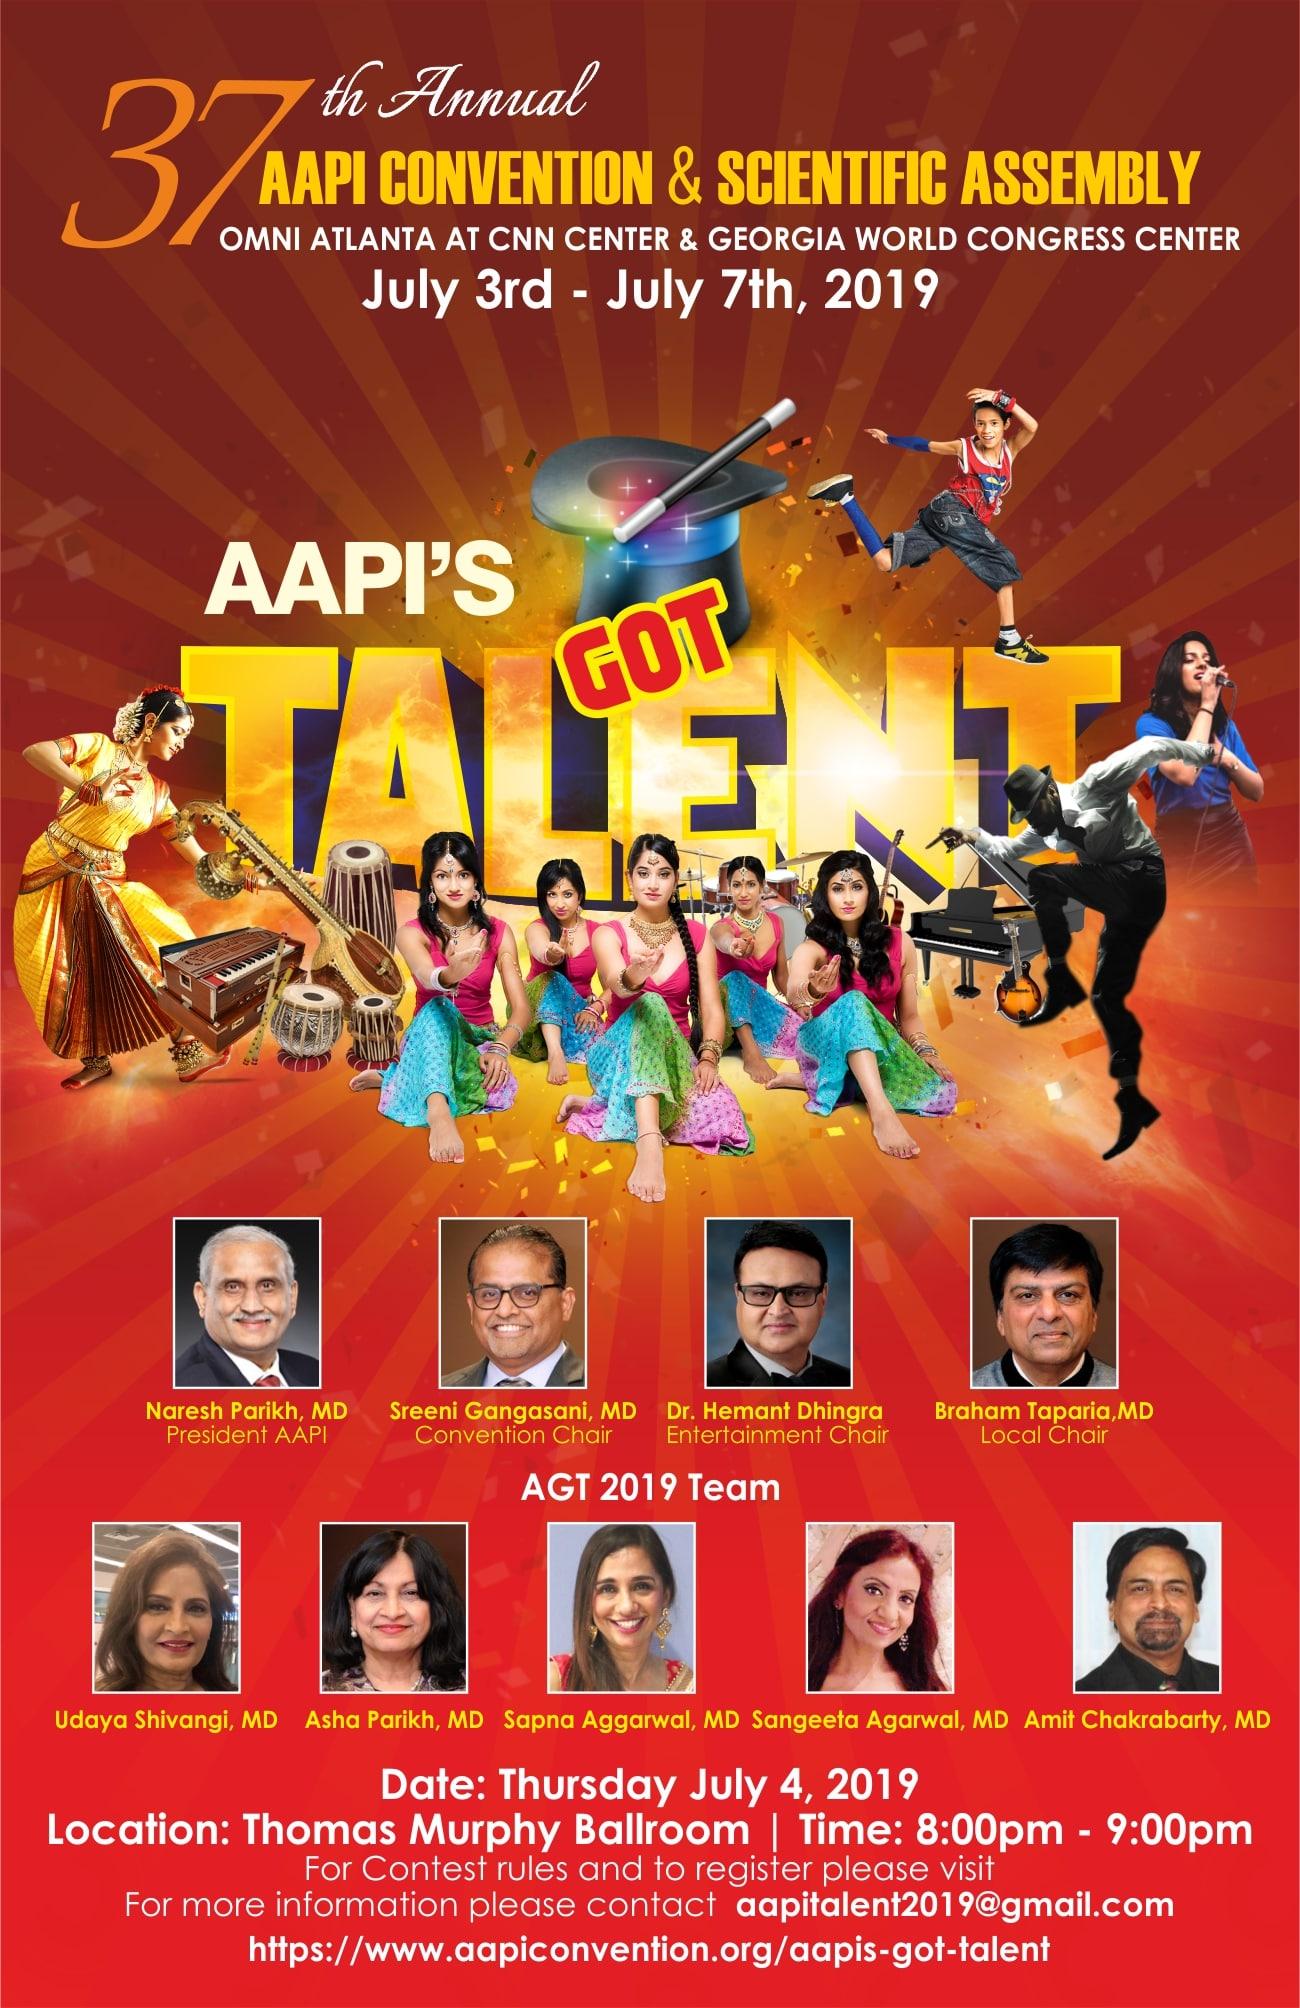 AAPI_Talent.jpg